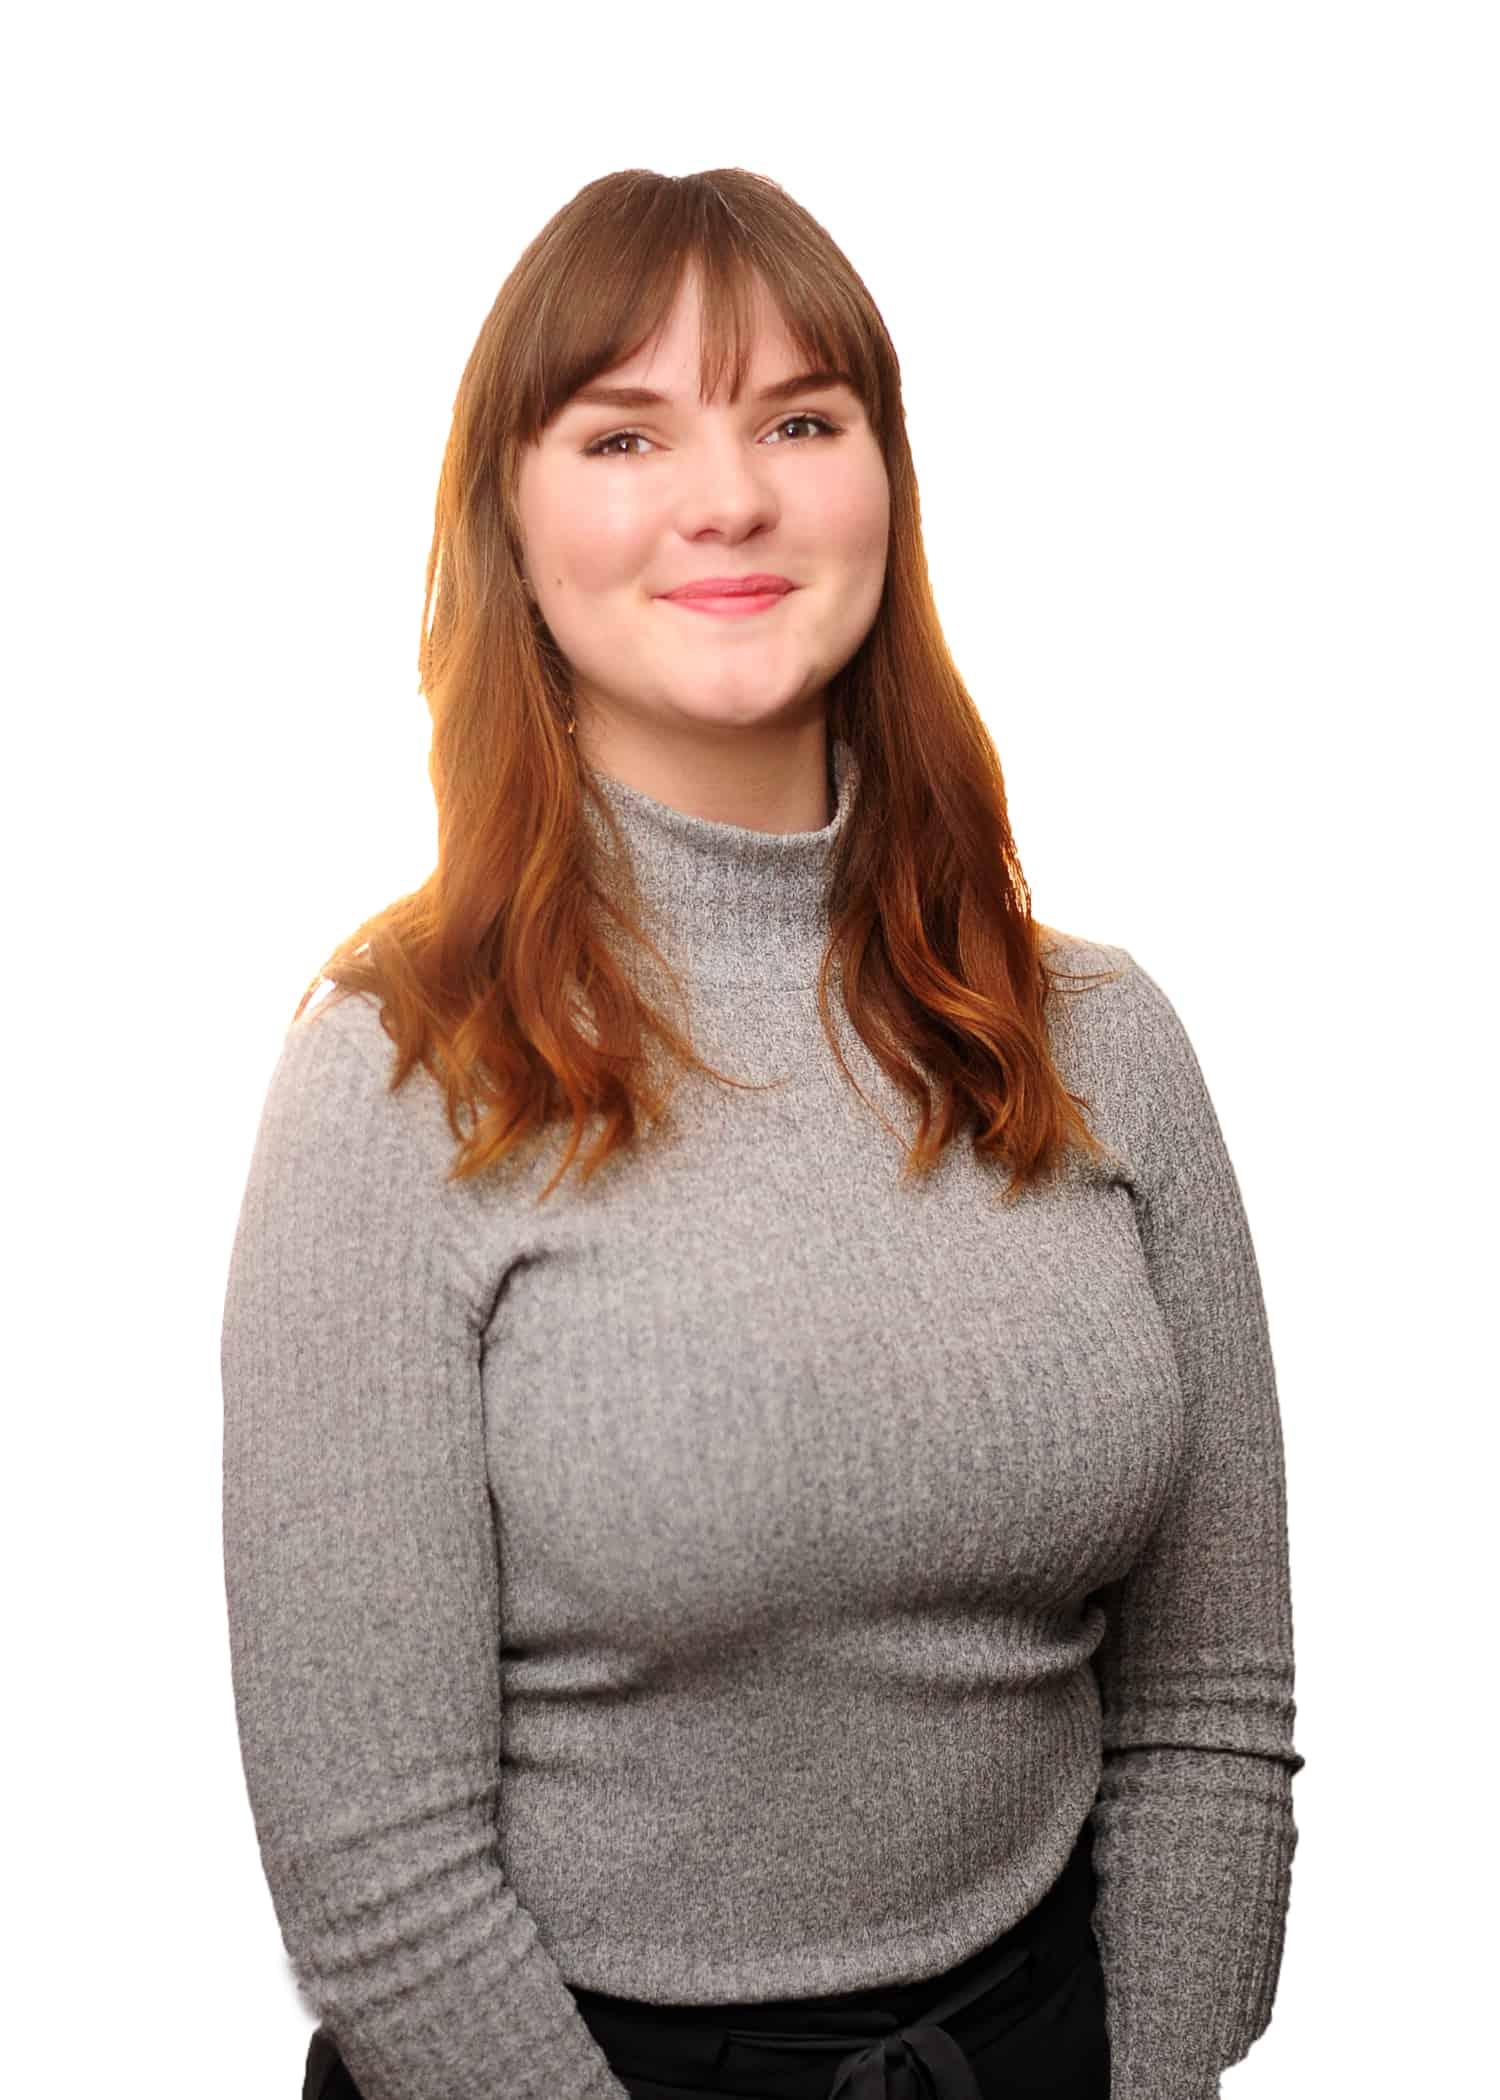 Lisa Slager